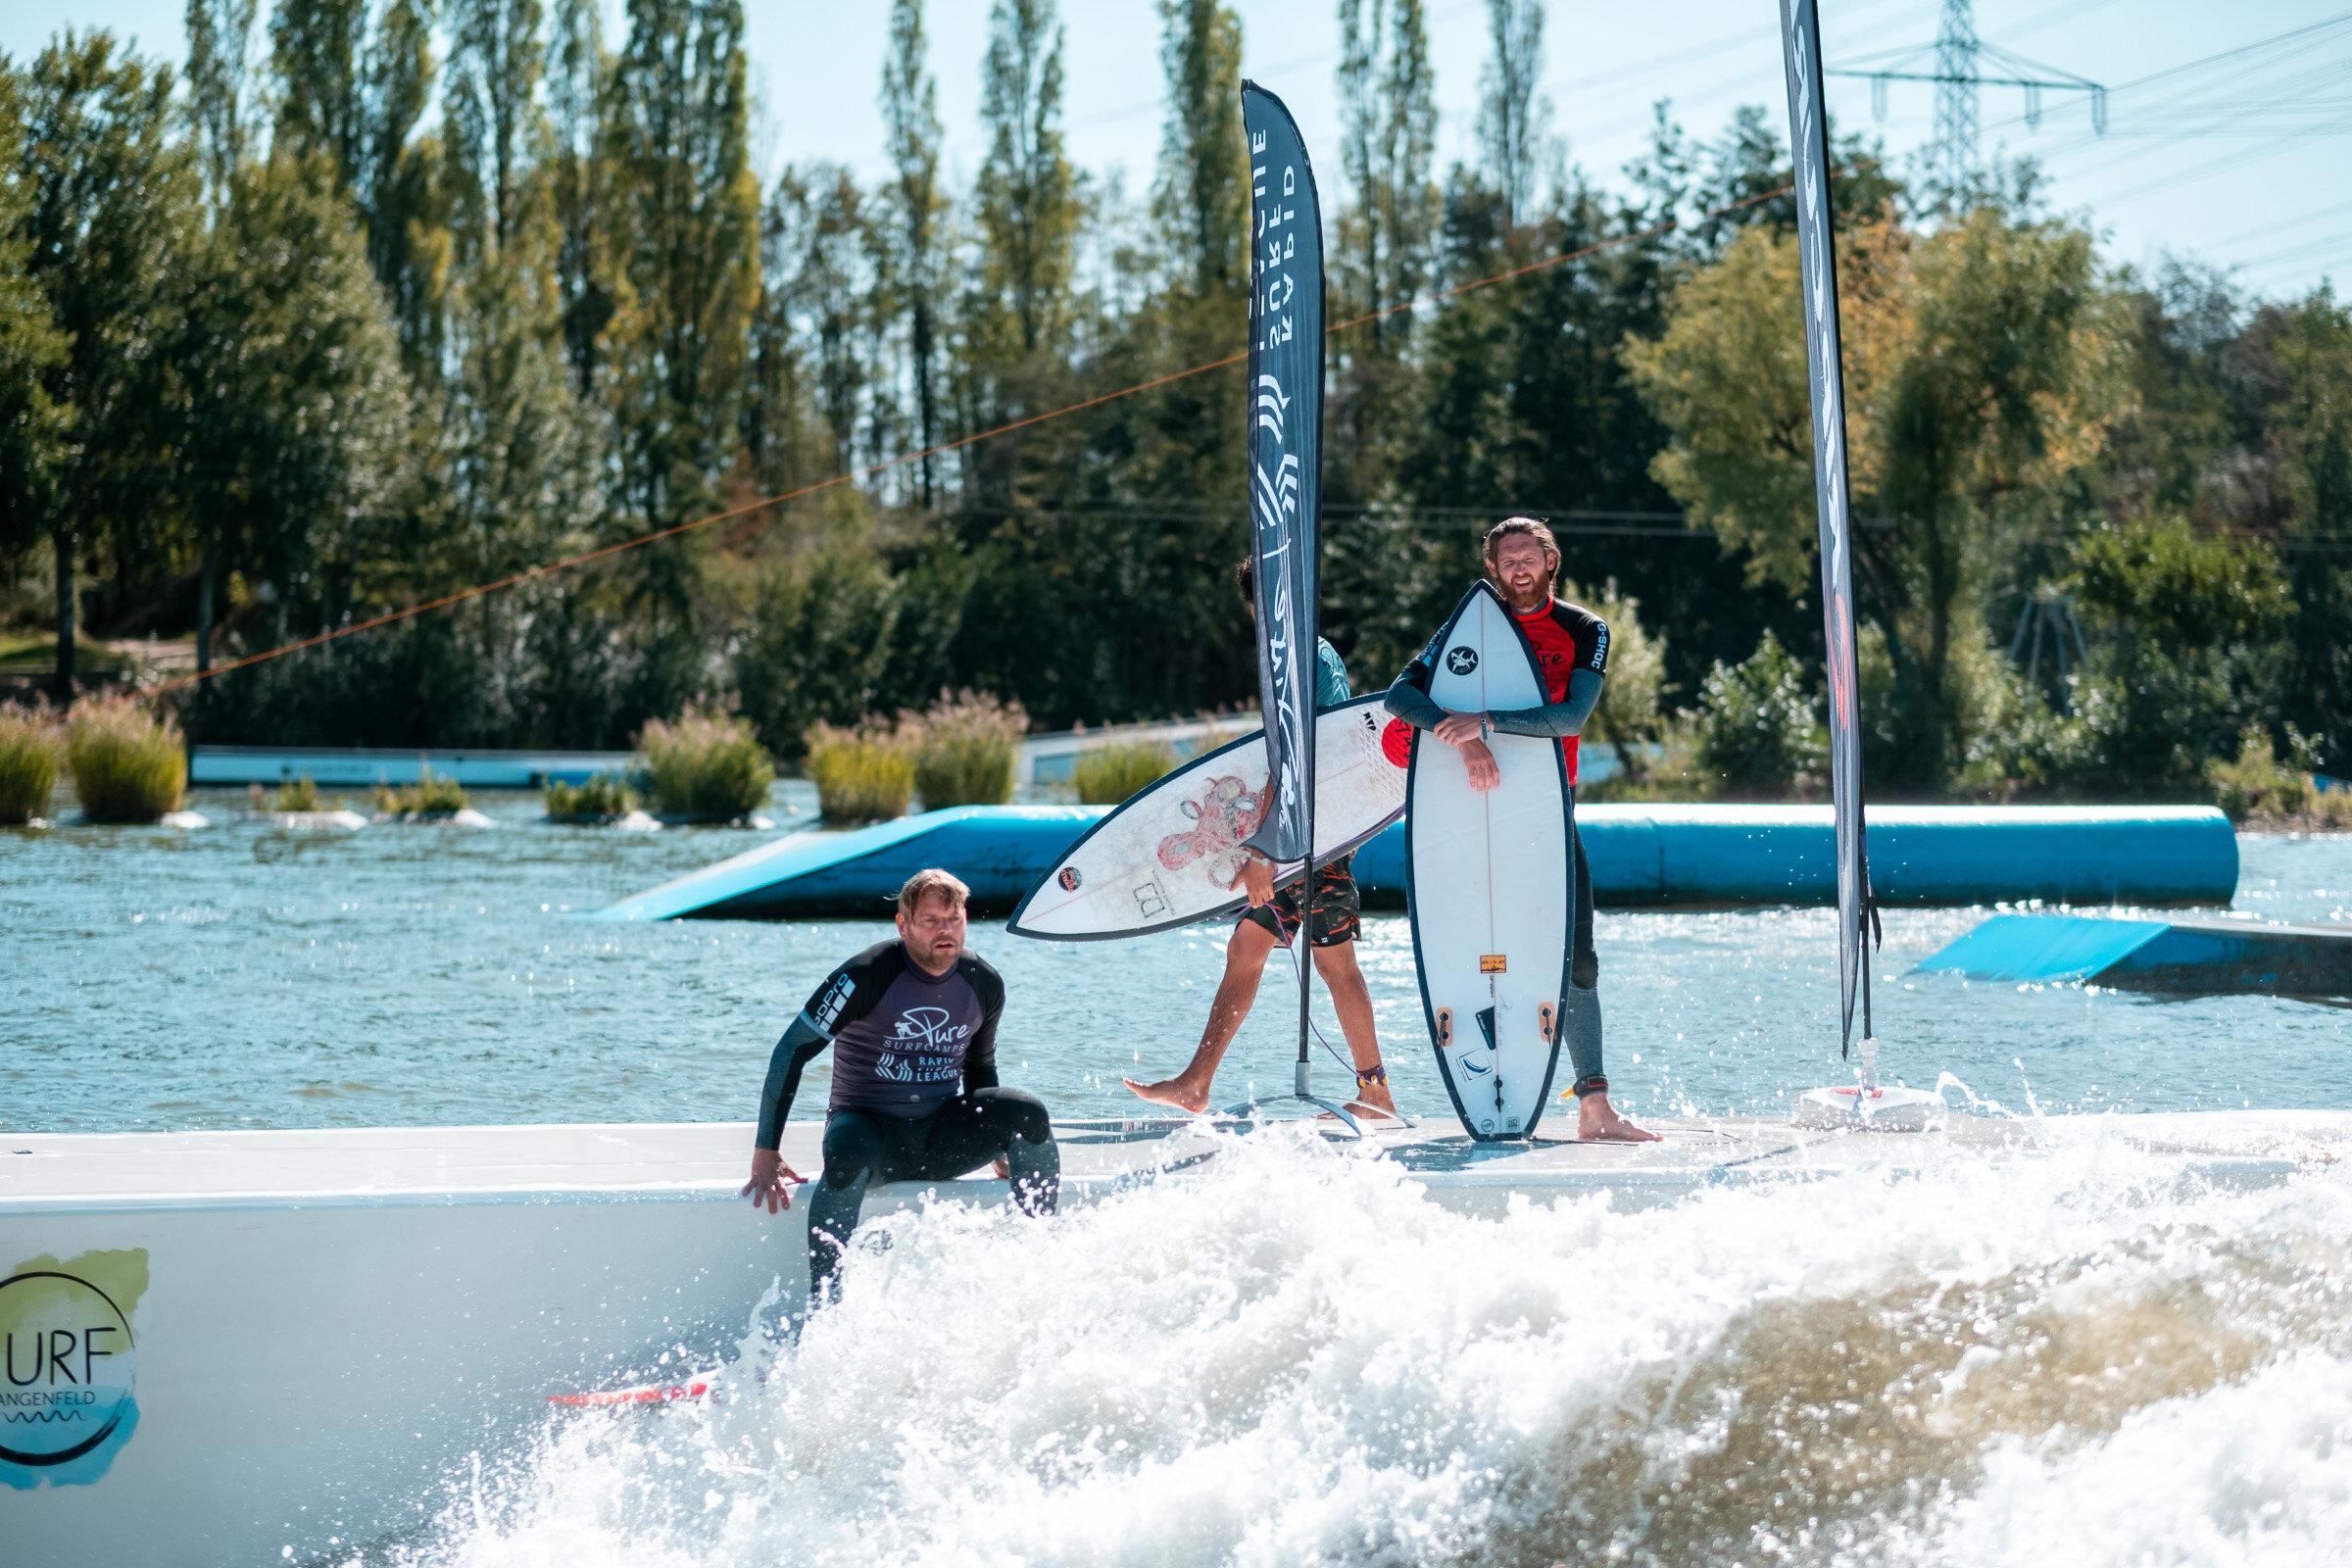 rapid-surf-contest-derKristof-46.jpg